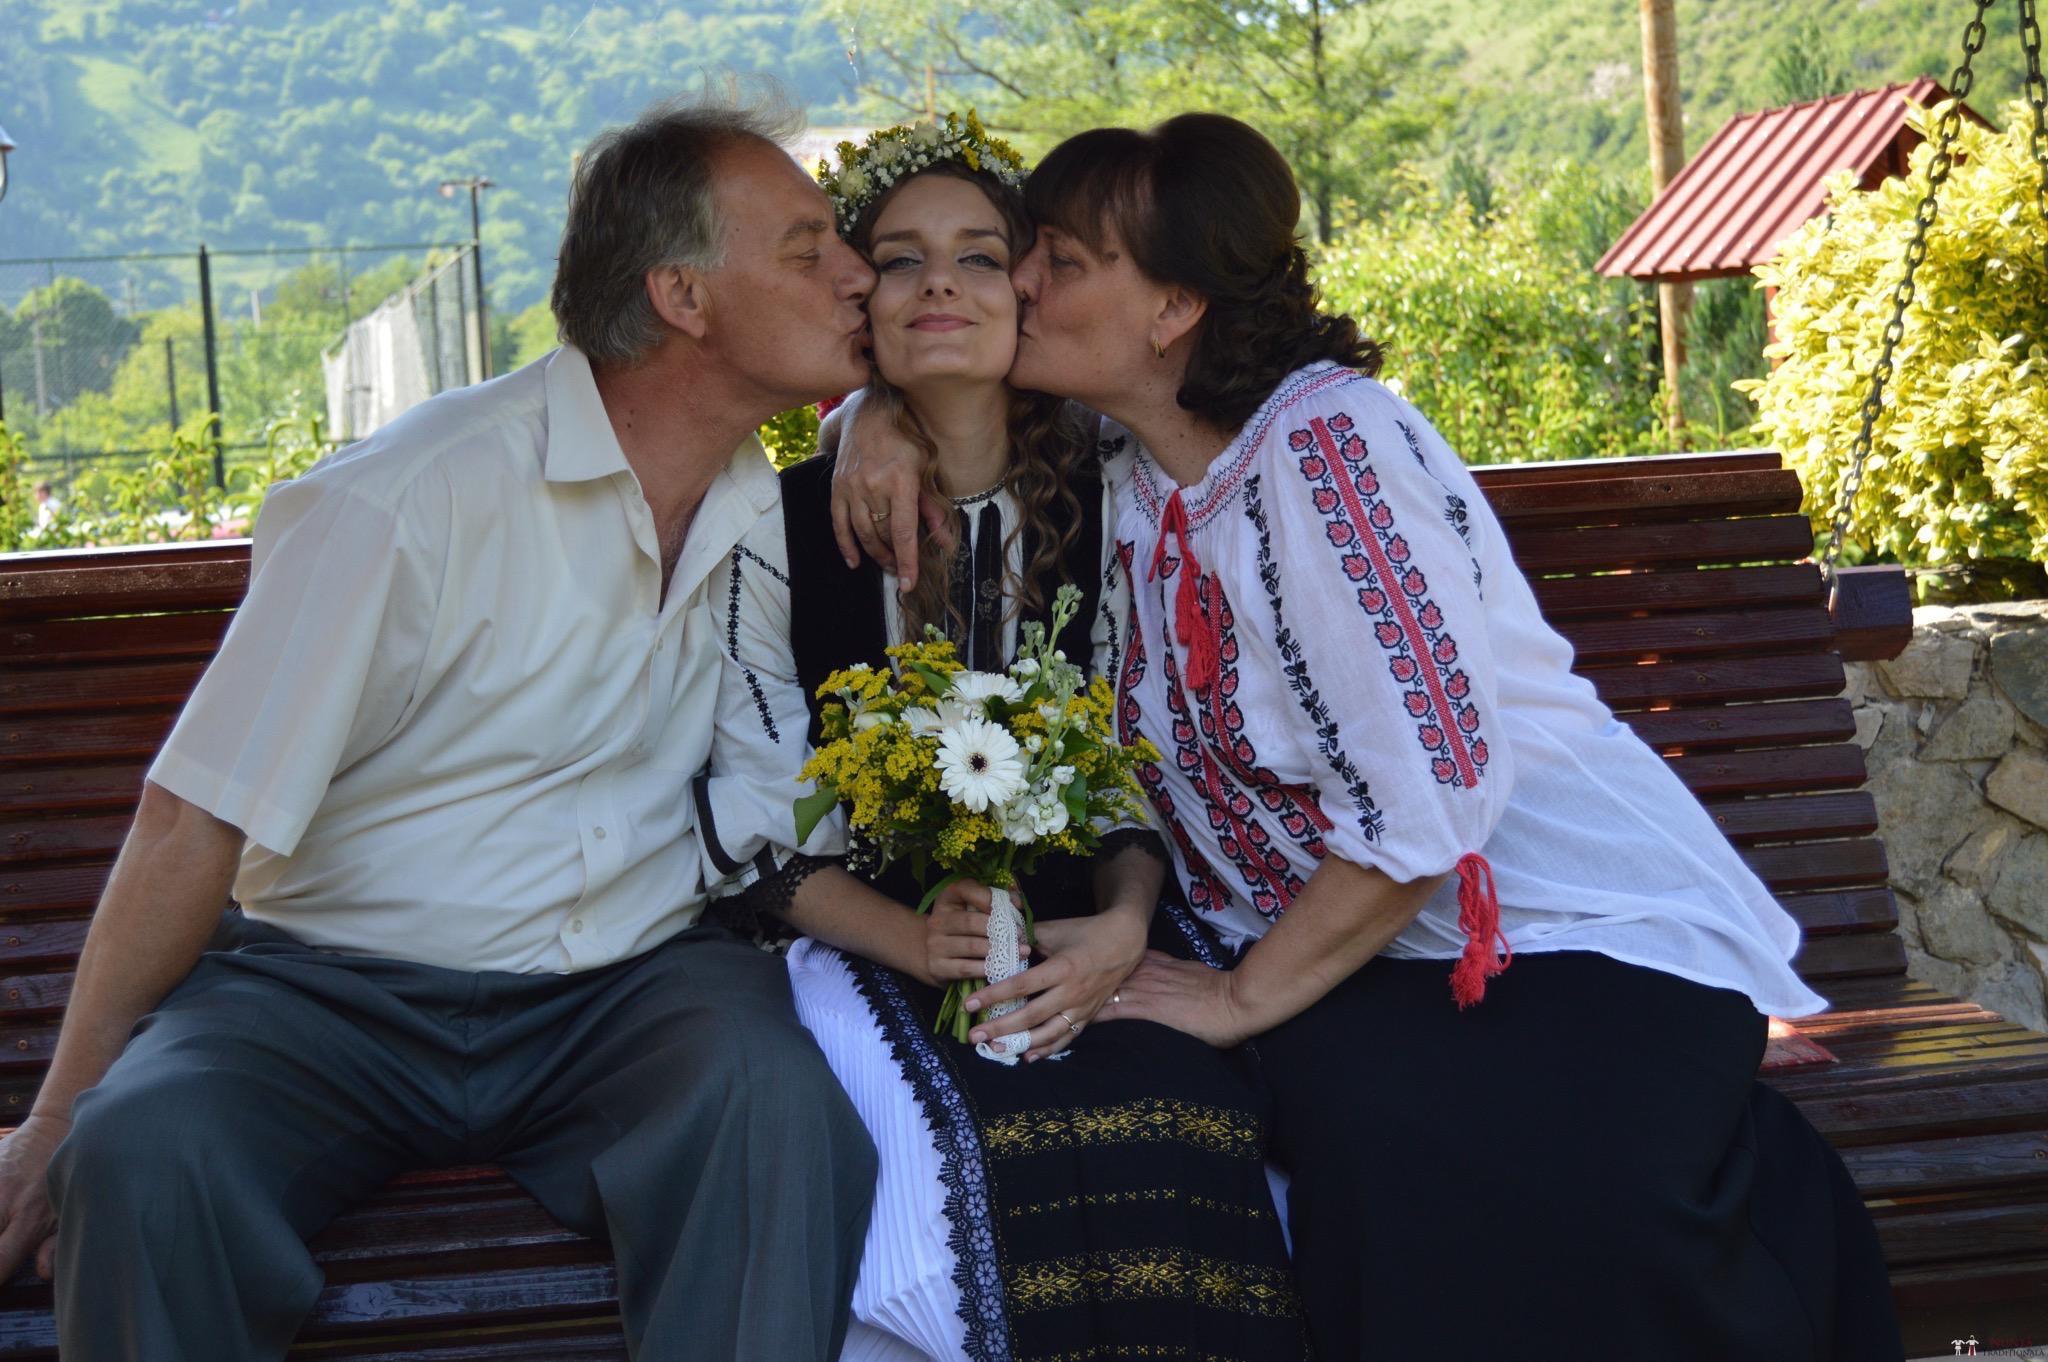 Povești Nunți Tradiționale - Constantin și Simona-Marilena. Nuntă tradițională în Căpâlna, Alba 27